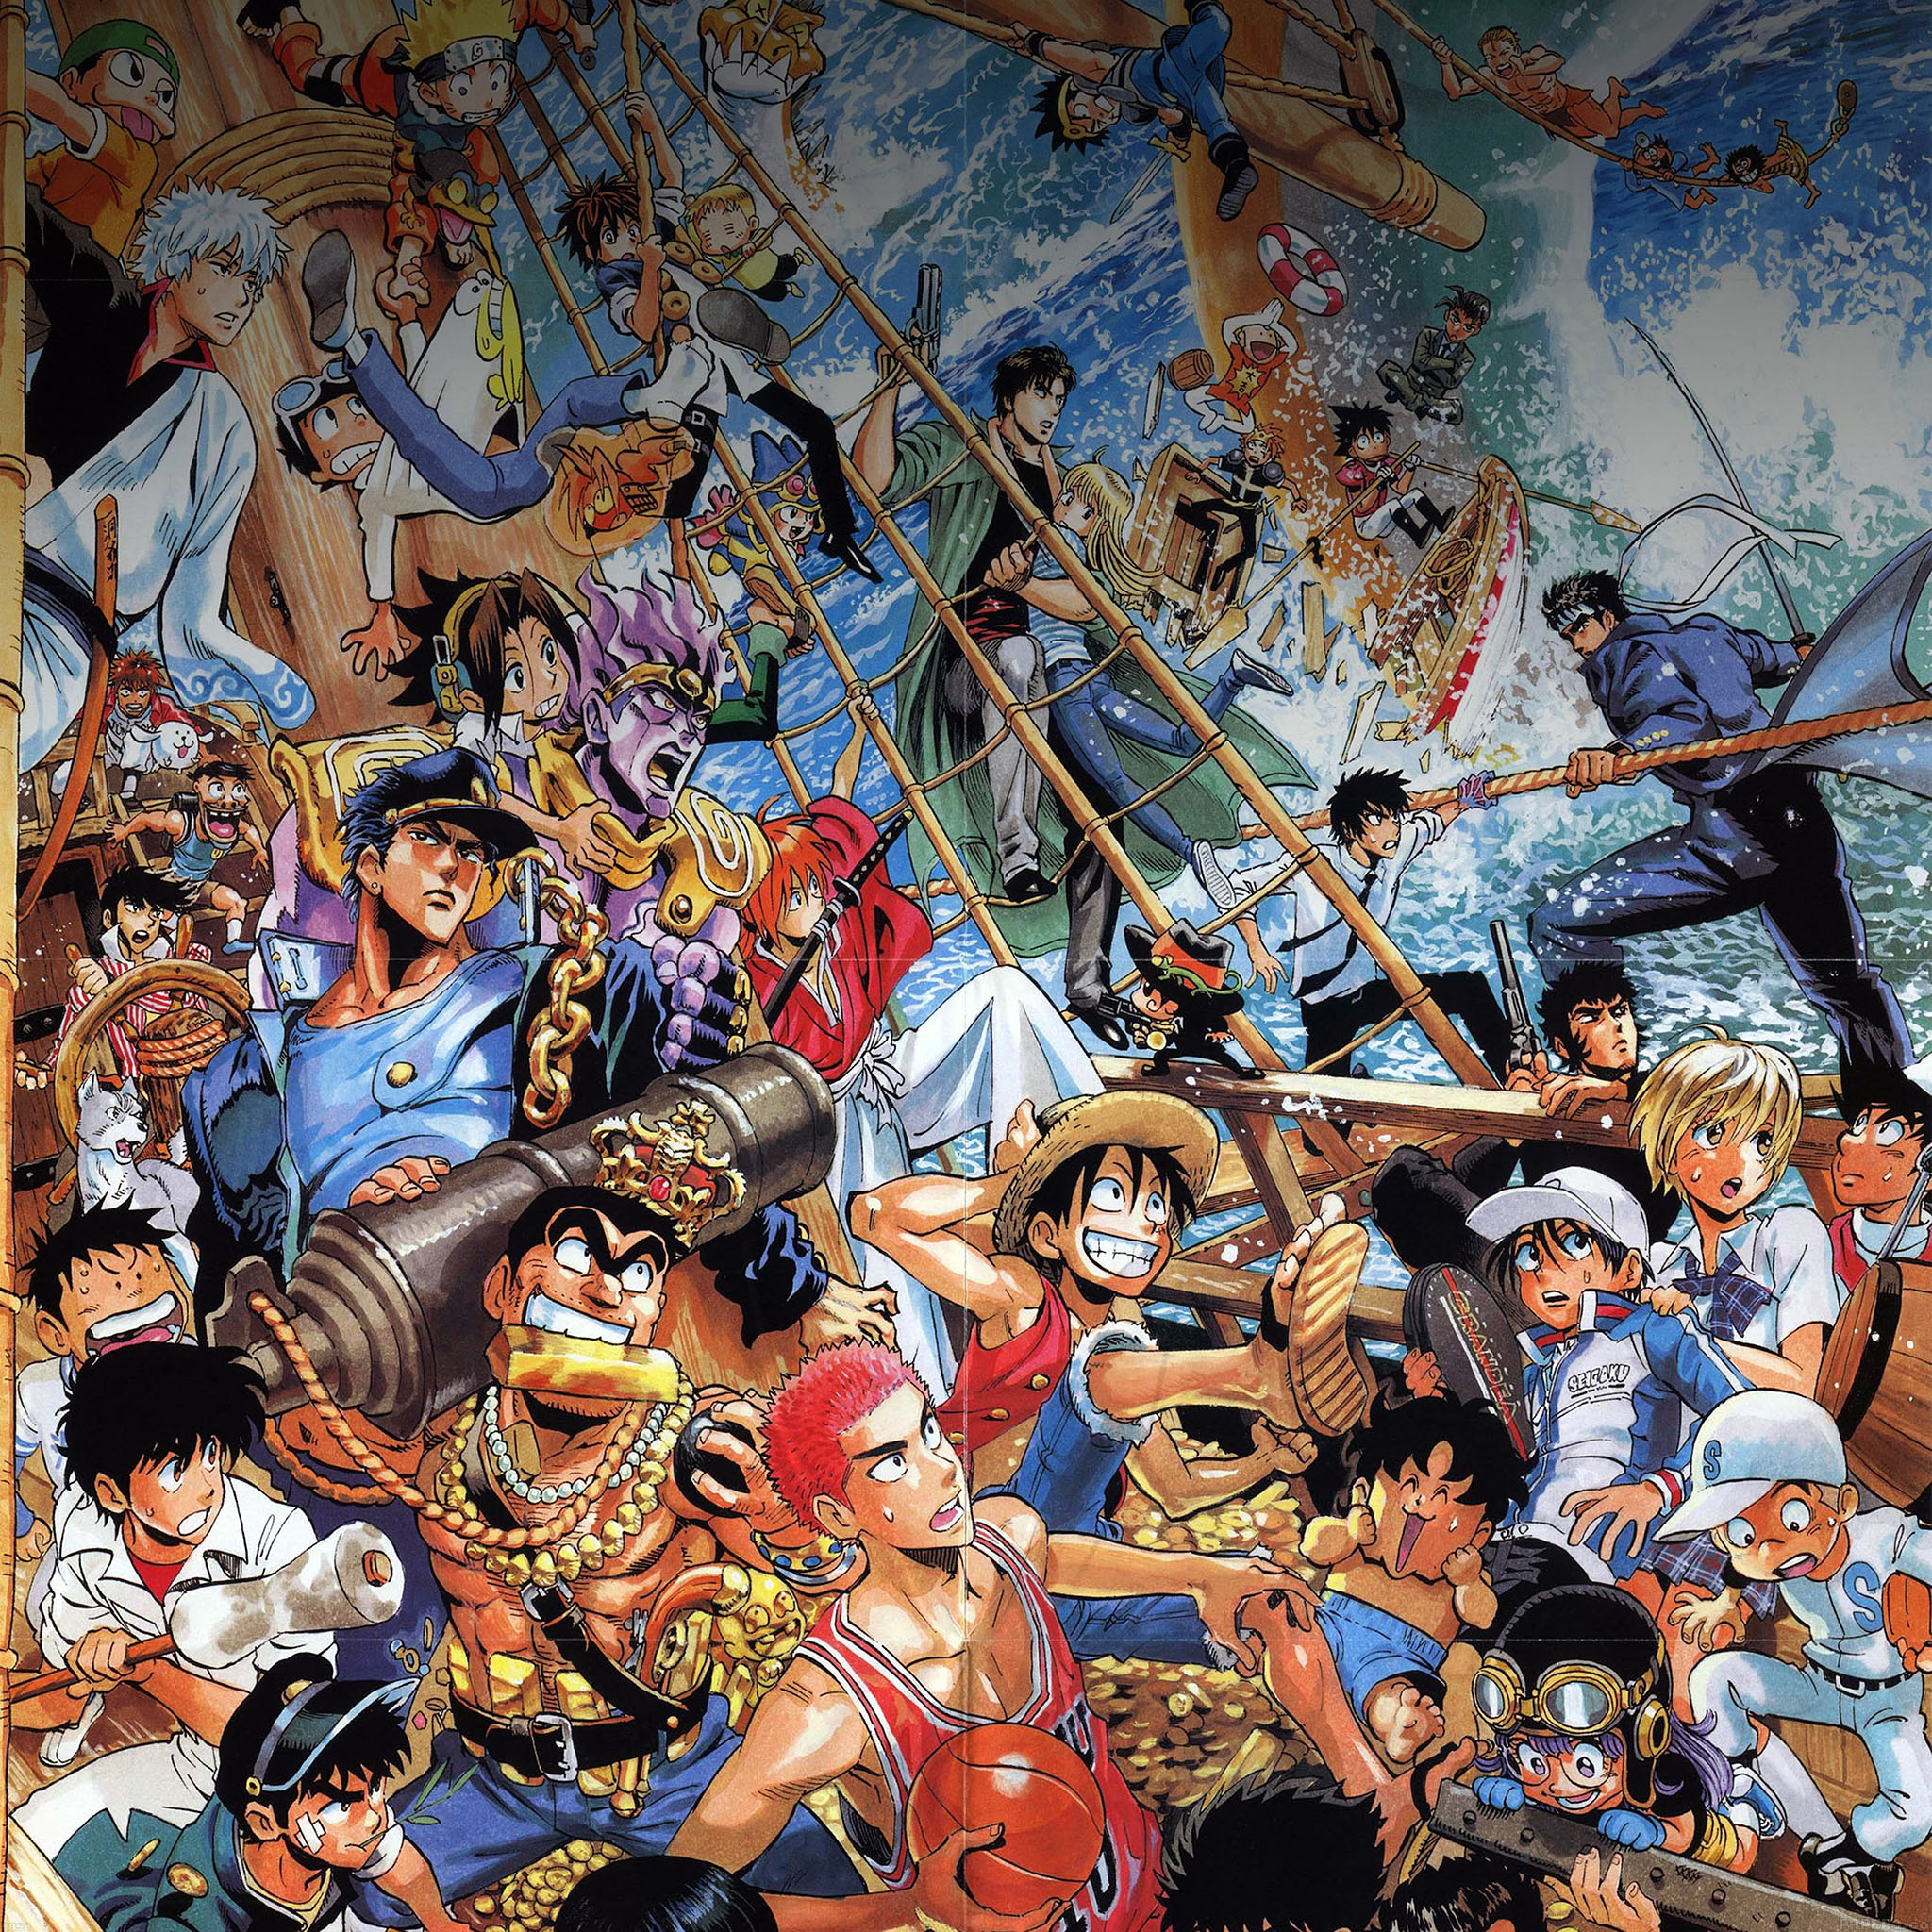 One Piece All Parallax Hd Iphone Ipad Wallpaper: Ab50-wallpaper-all-the-fun-comics-illust